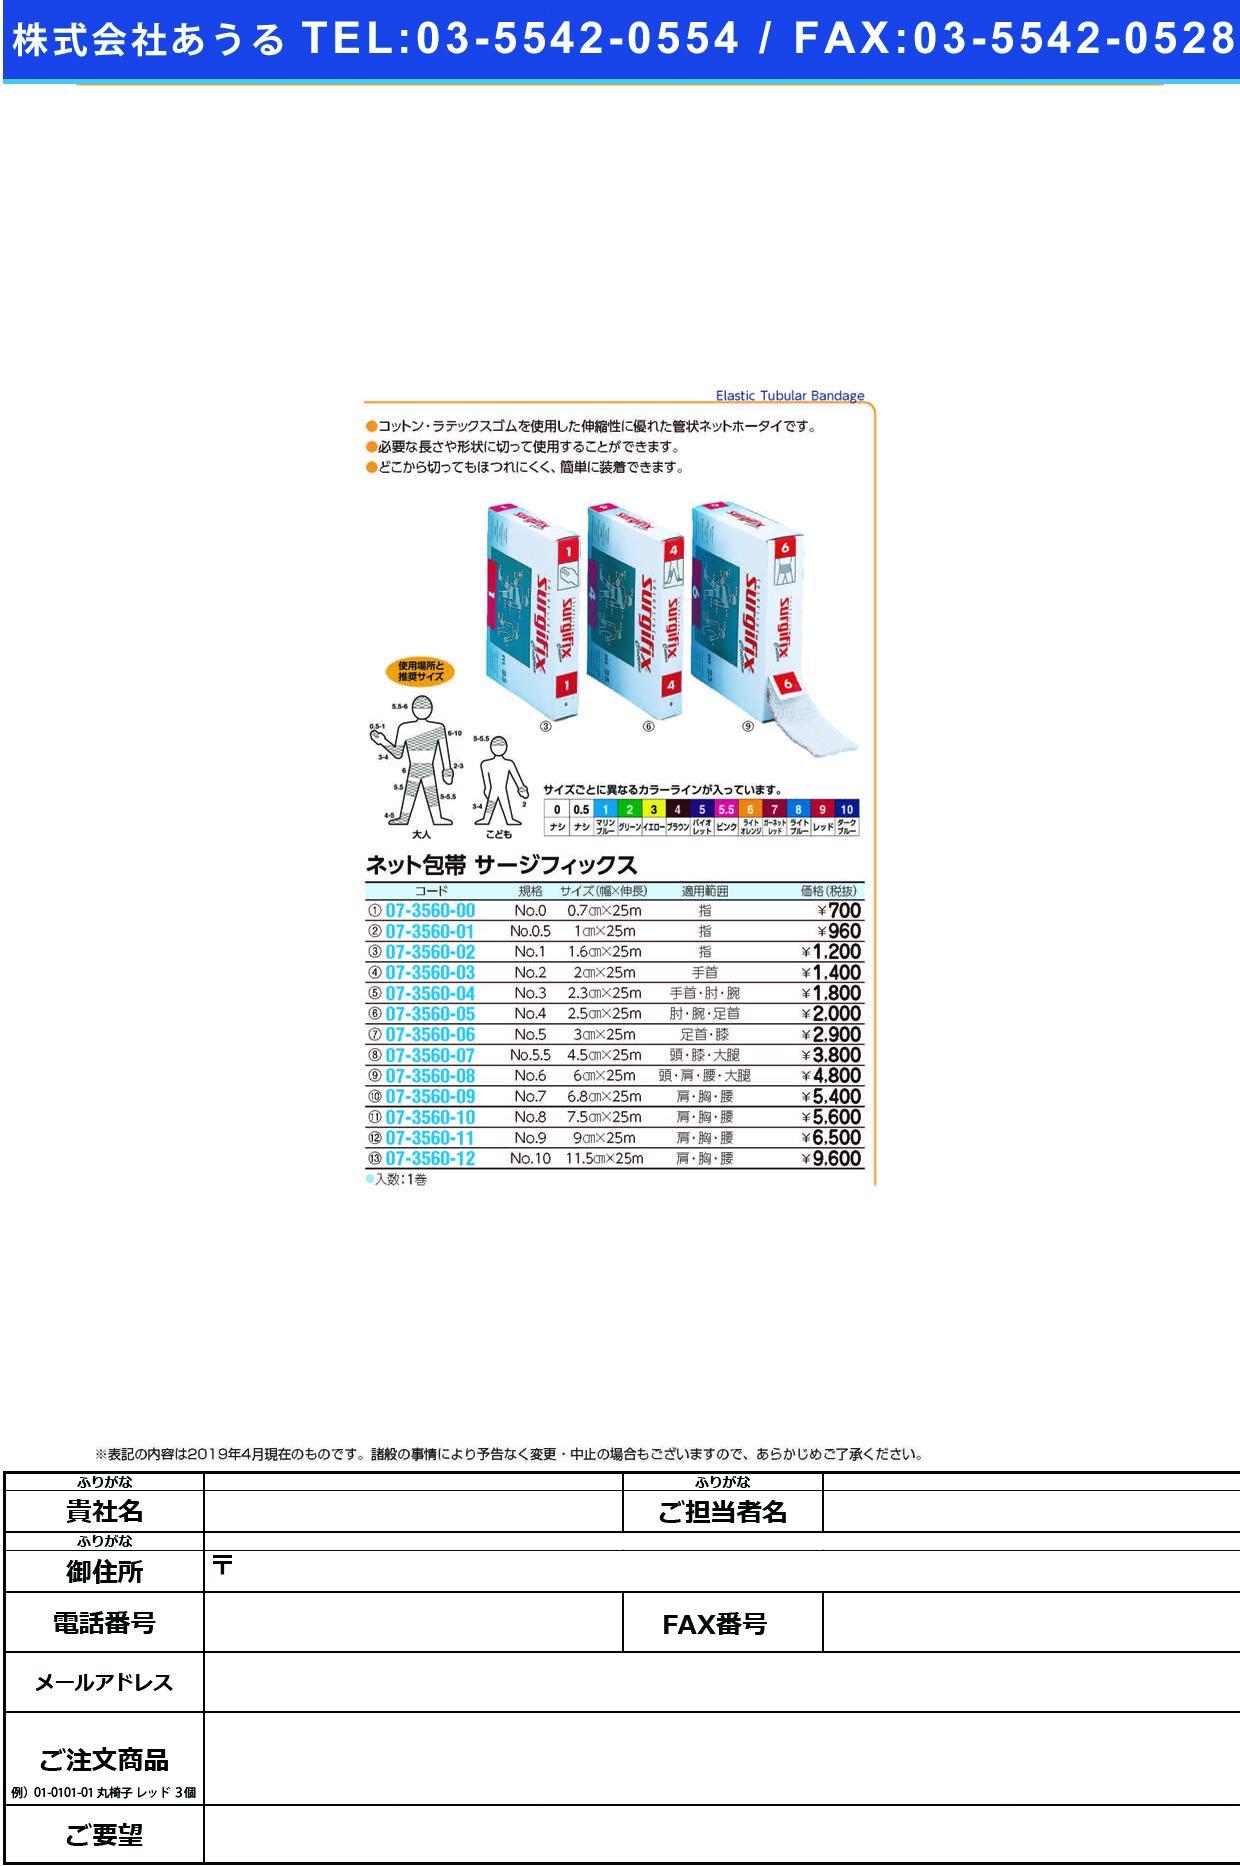 (07-3560-07)サージフィックス(ロールタイプ) NO.5.5(4.5CMX25M)1カン サージフィックスロールタイプ(川本産業)【1箱単位】【2019年カタログ商品】